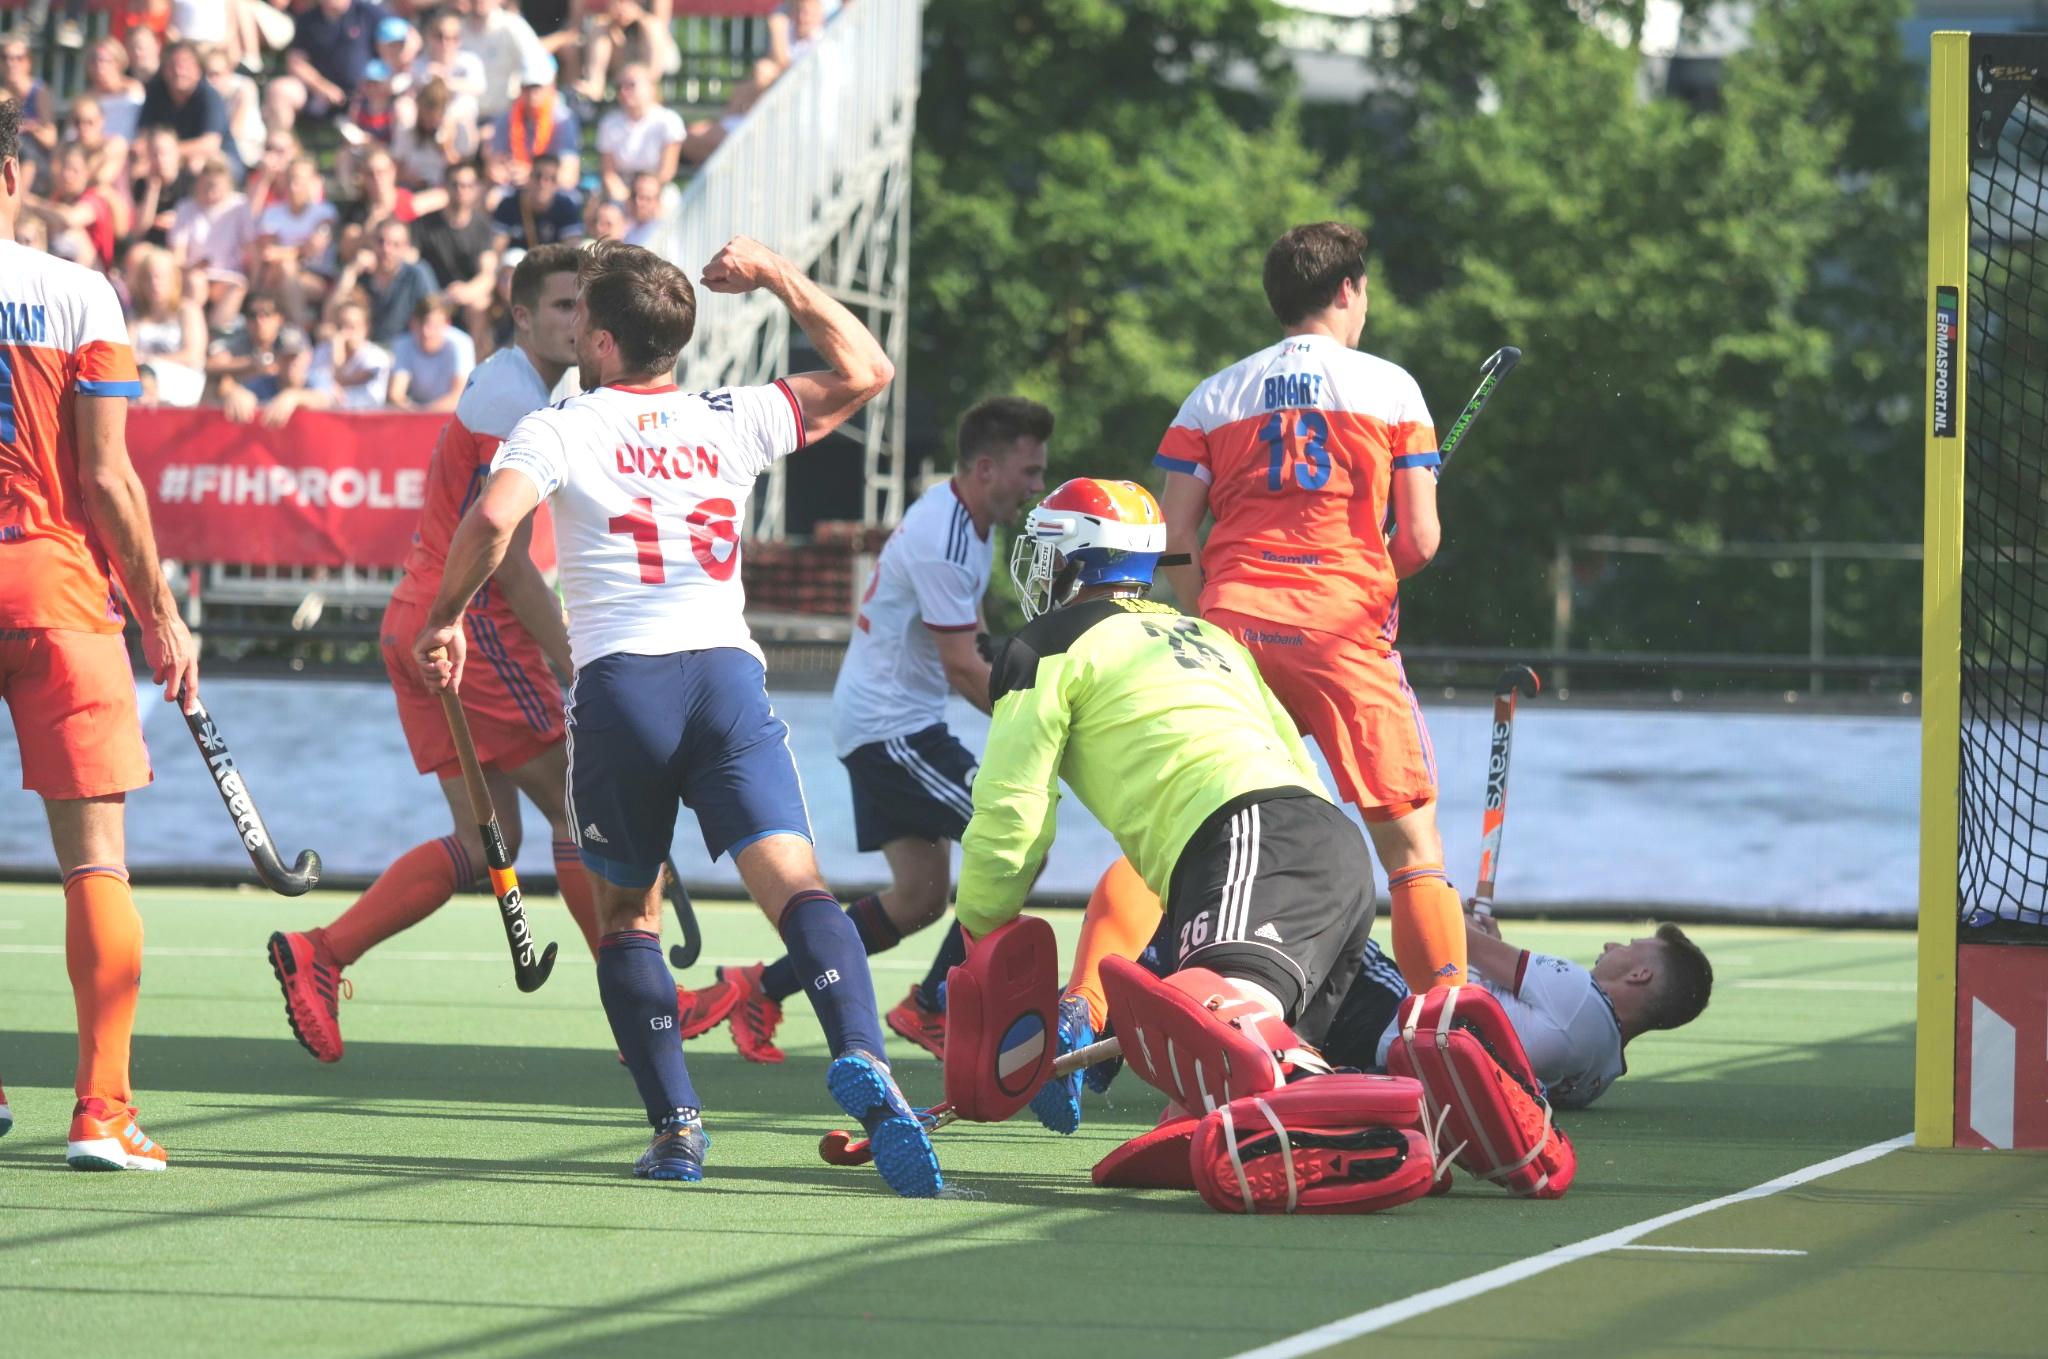 Preview Pro League (H): Oranje heren zinnen op wraak in Londen tegen Britten